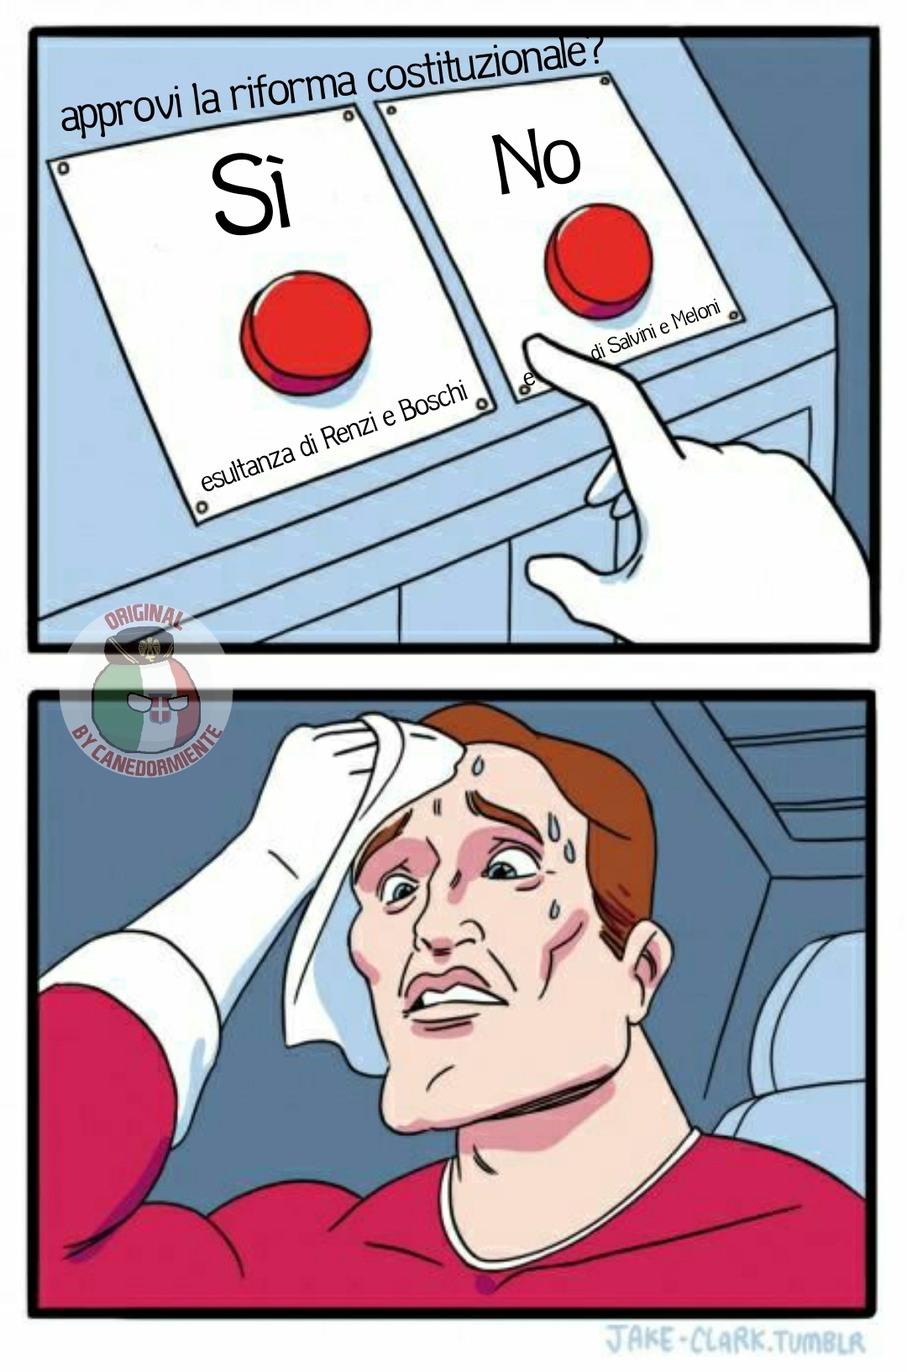 Il triste dilemma di ogni italiano ragionevole al referendum - meme